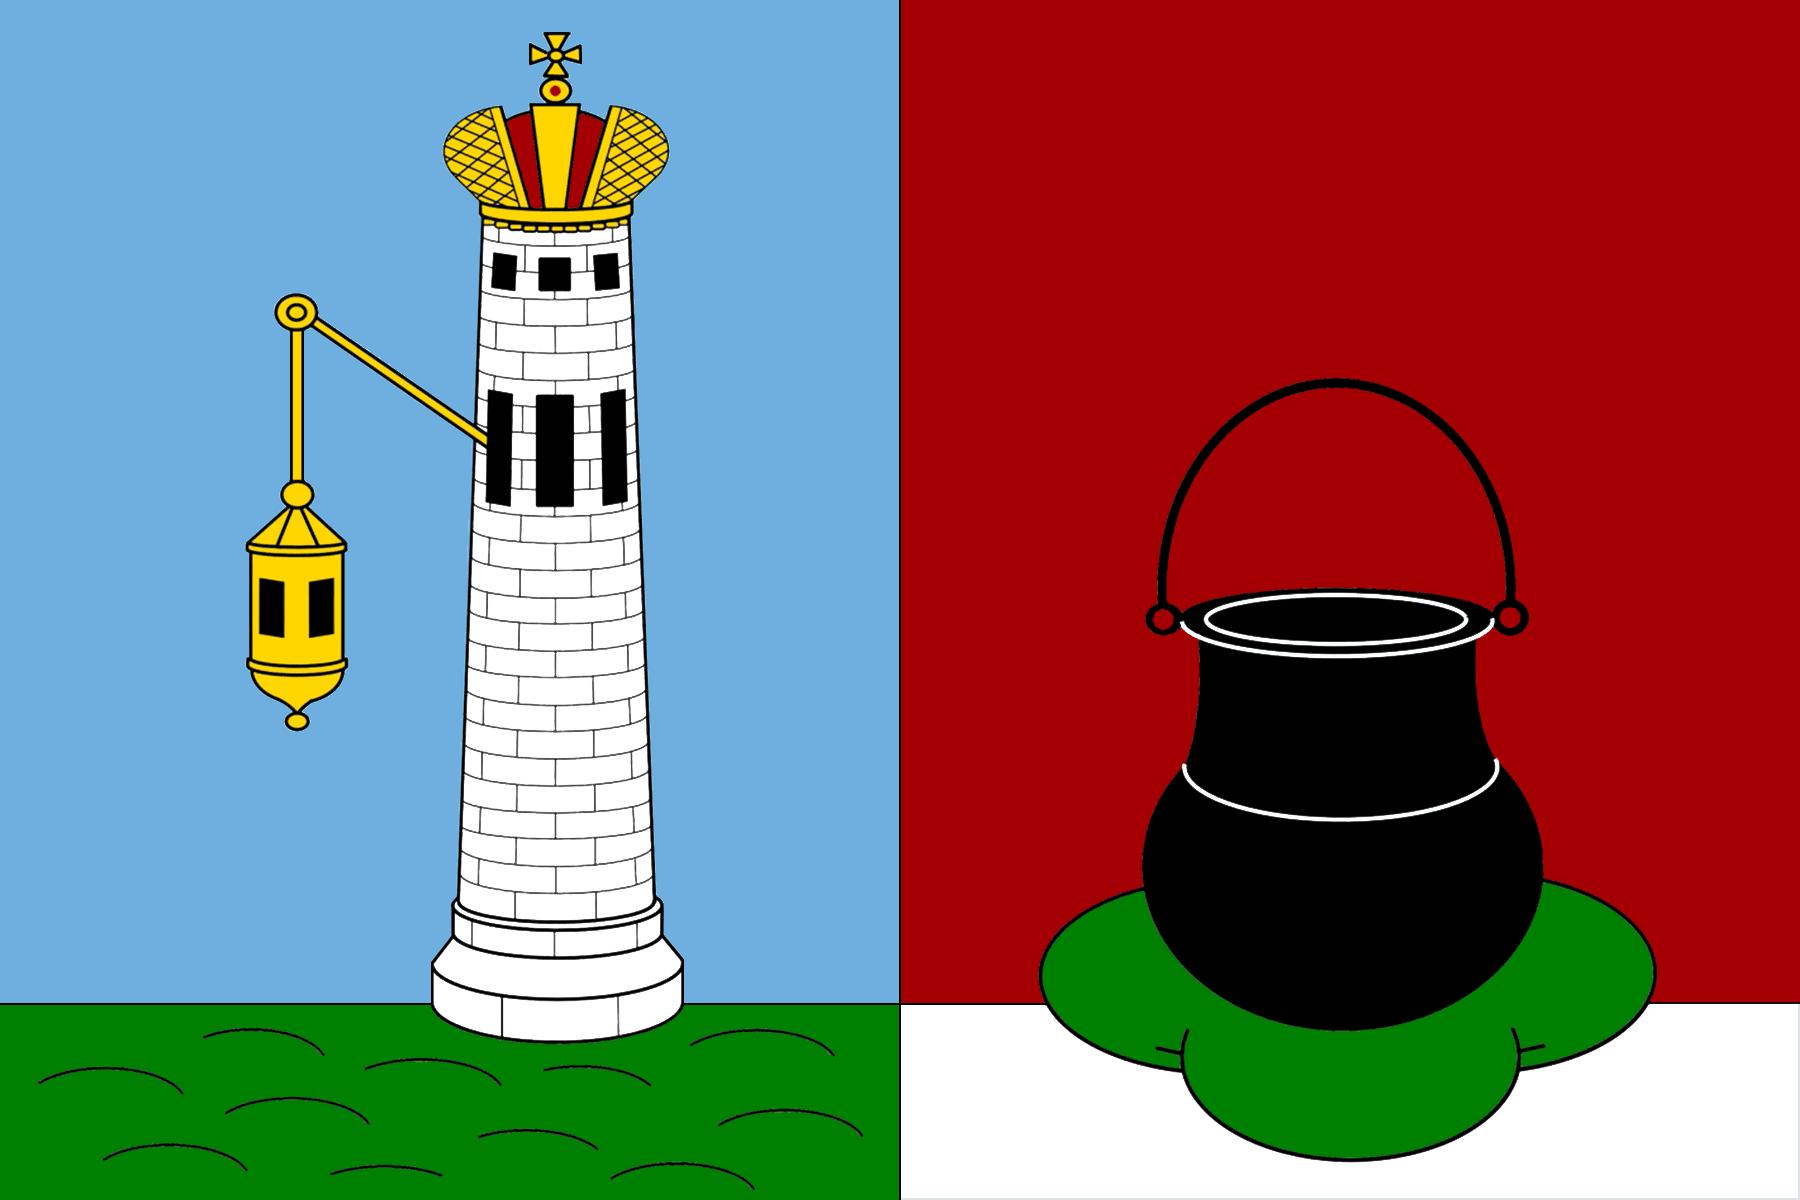 File:Flag of Kronshtadt (St Petersburg).png.